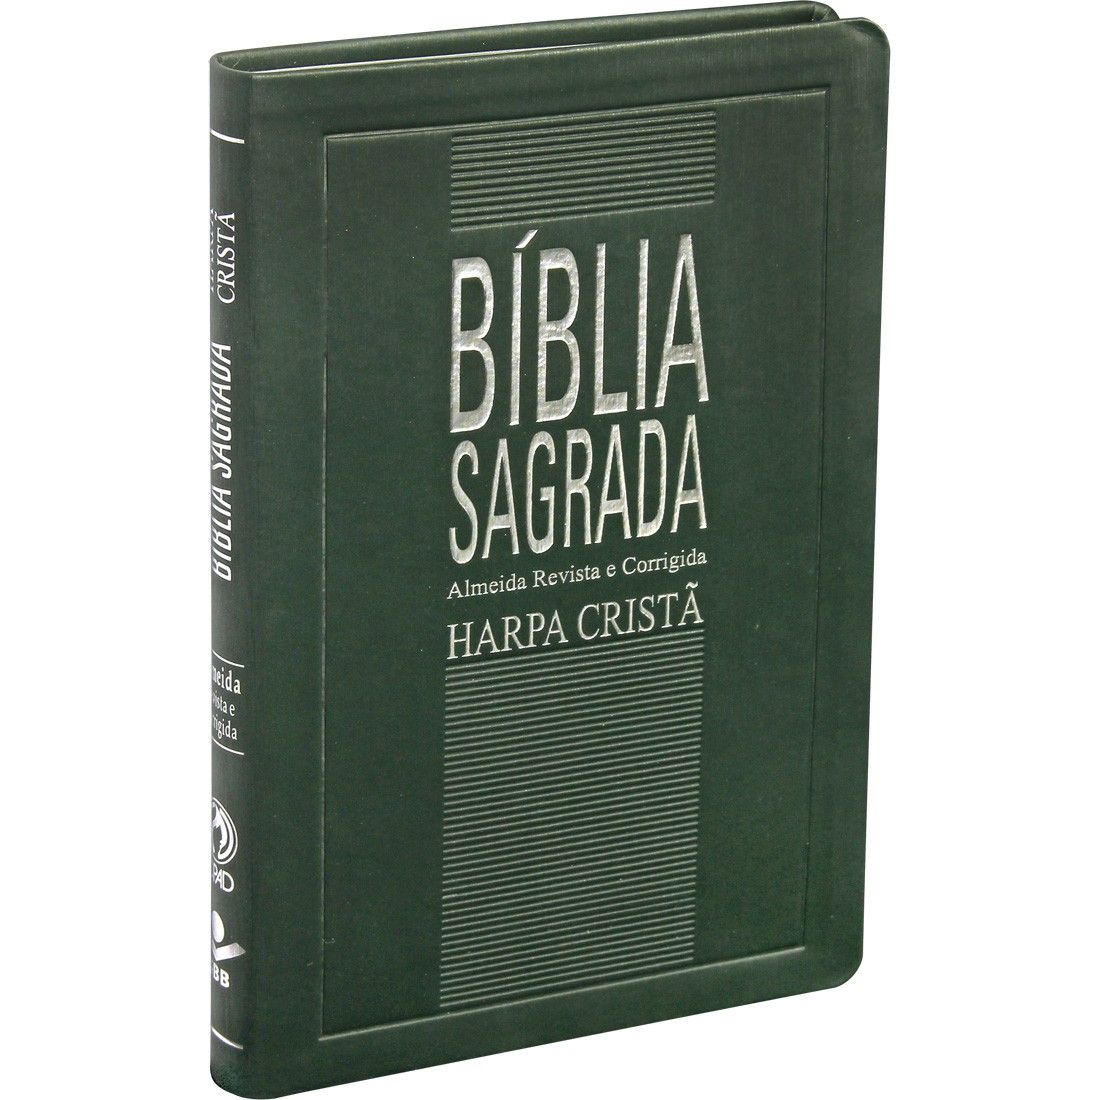 BÍBLIA SAGRADA COM HARPA CRISTÃ SLIM - VERDE